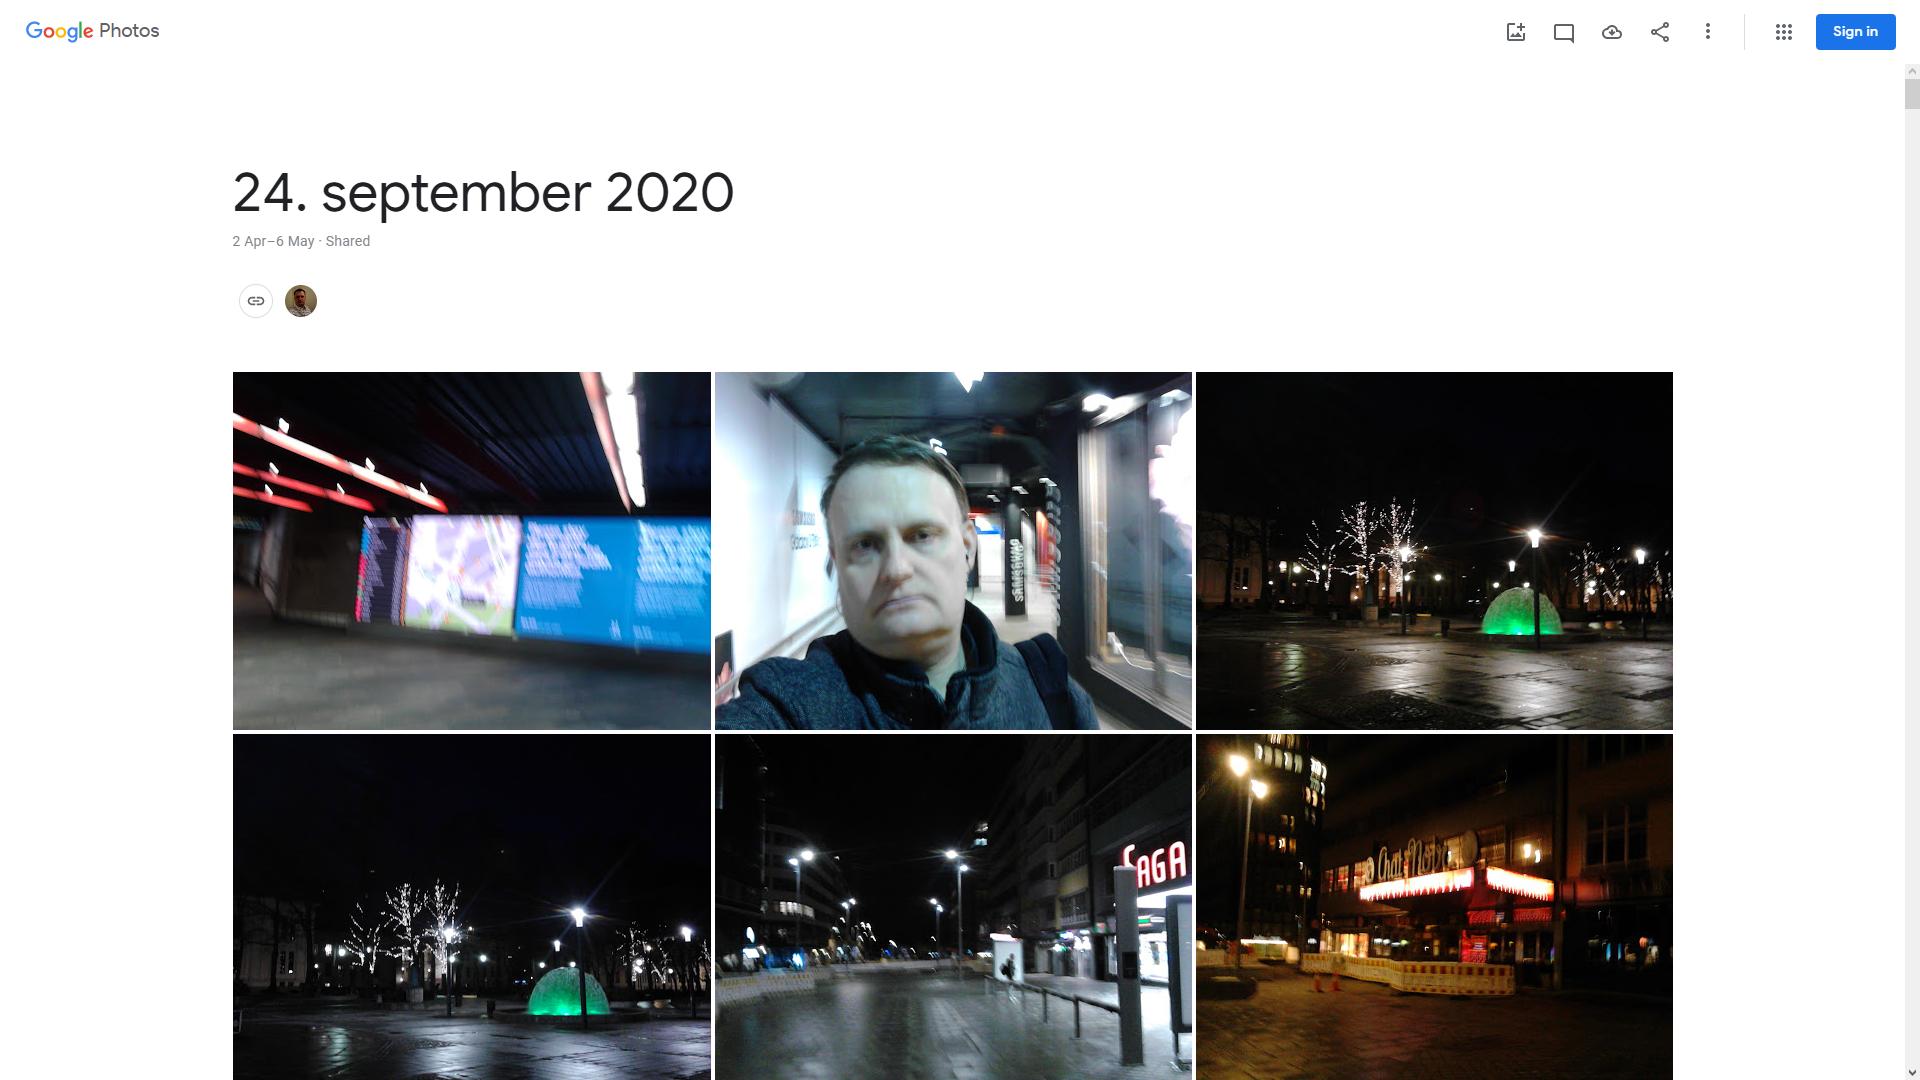 mobilbilder 24. september 2020